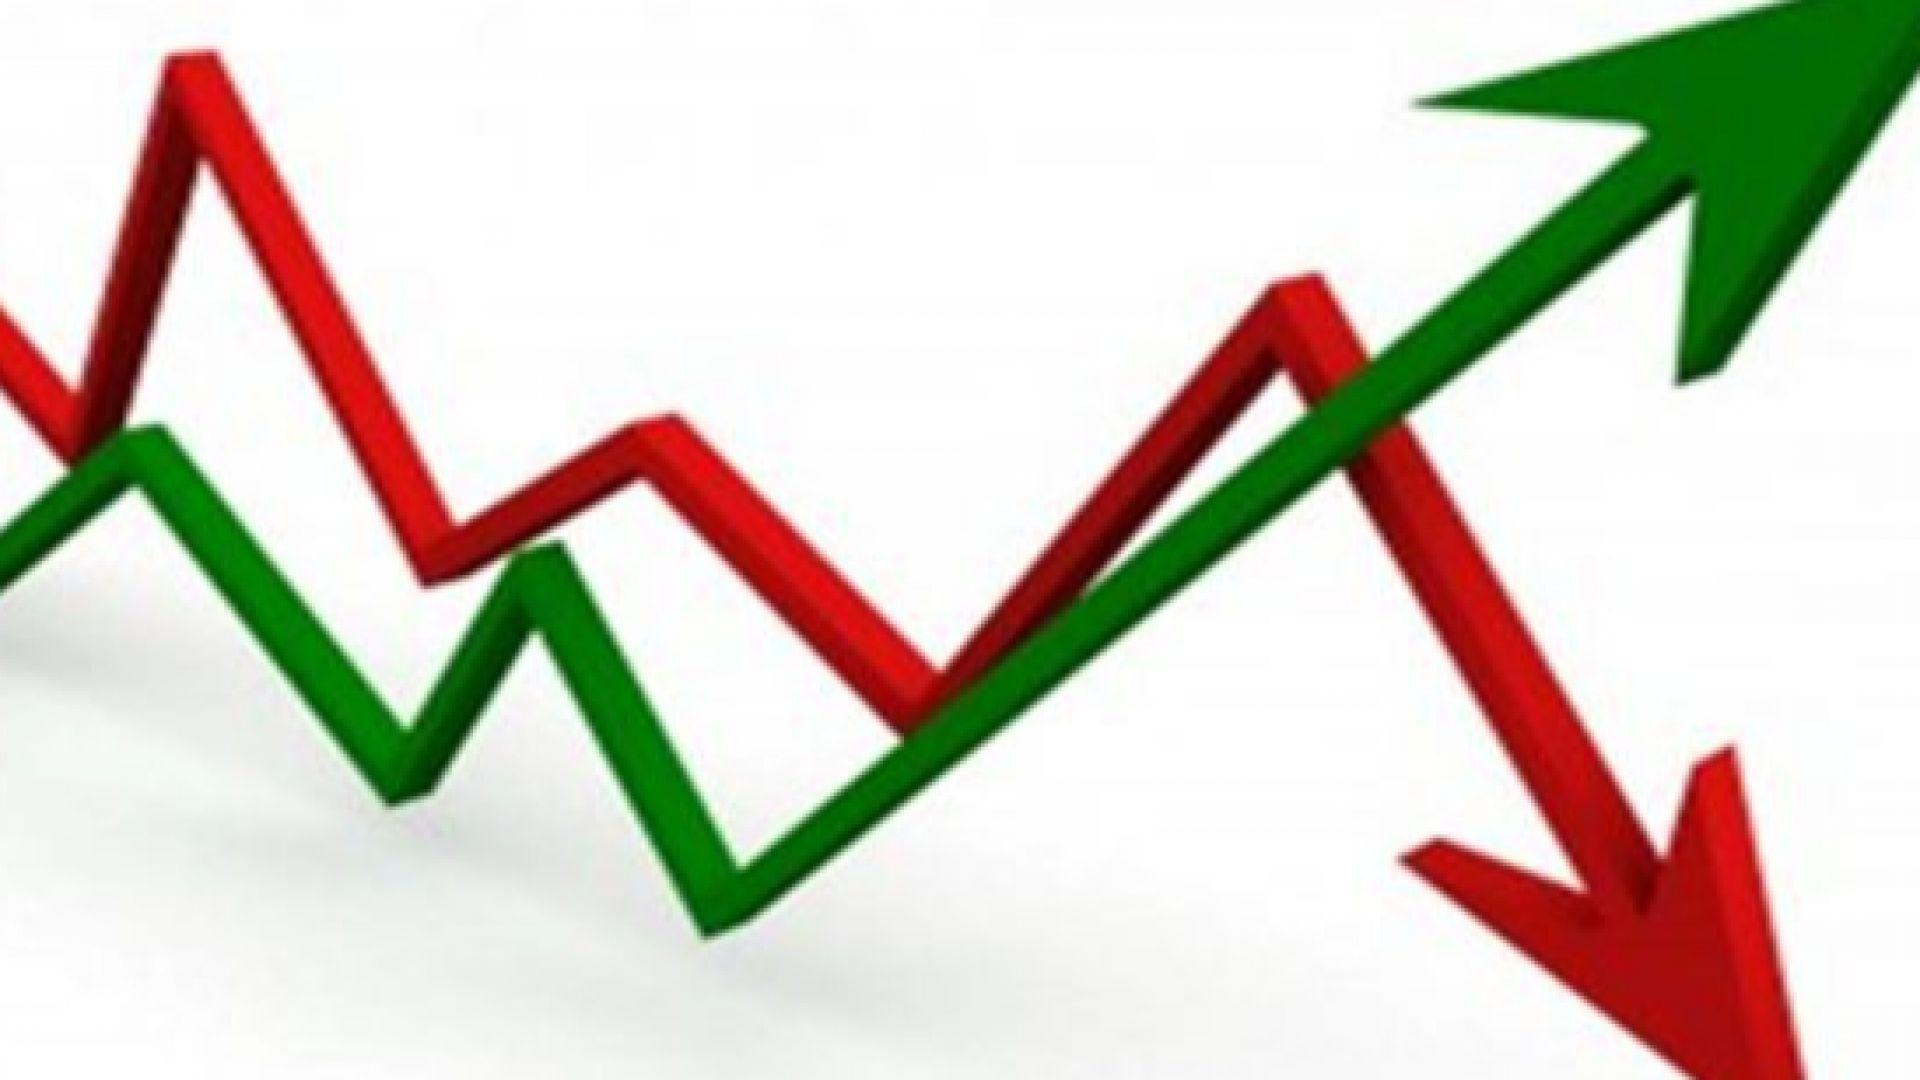 Вземанията на лизинговите дружества нараснали с 30 млн. за година